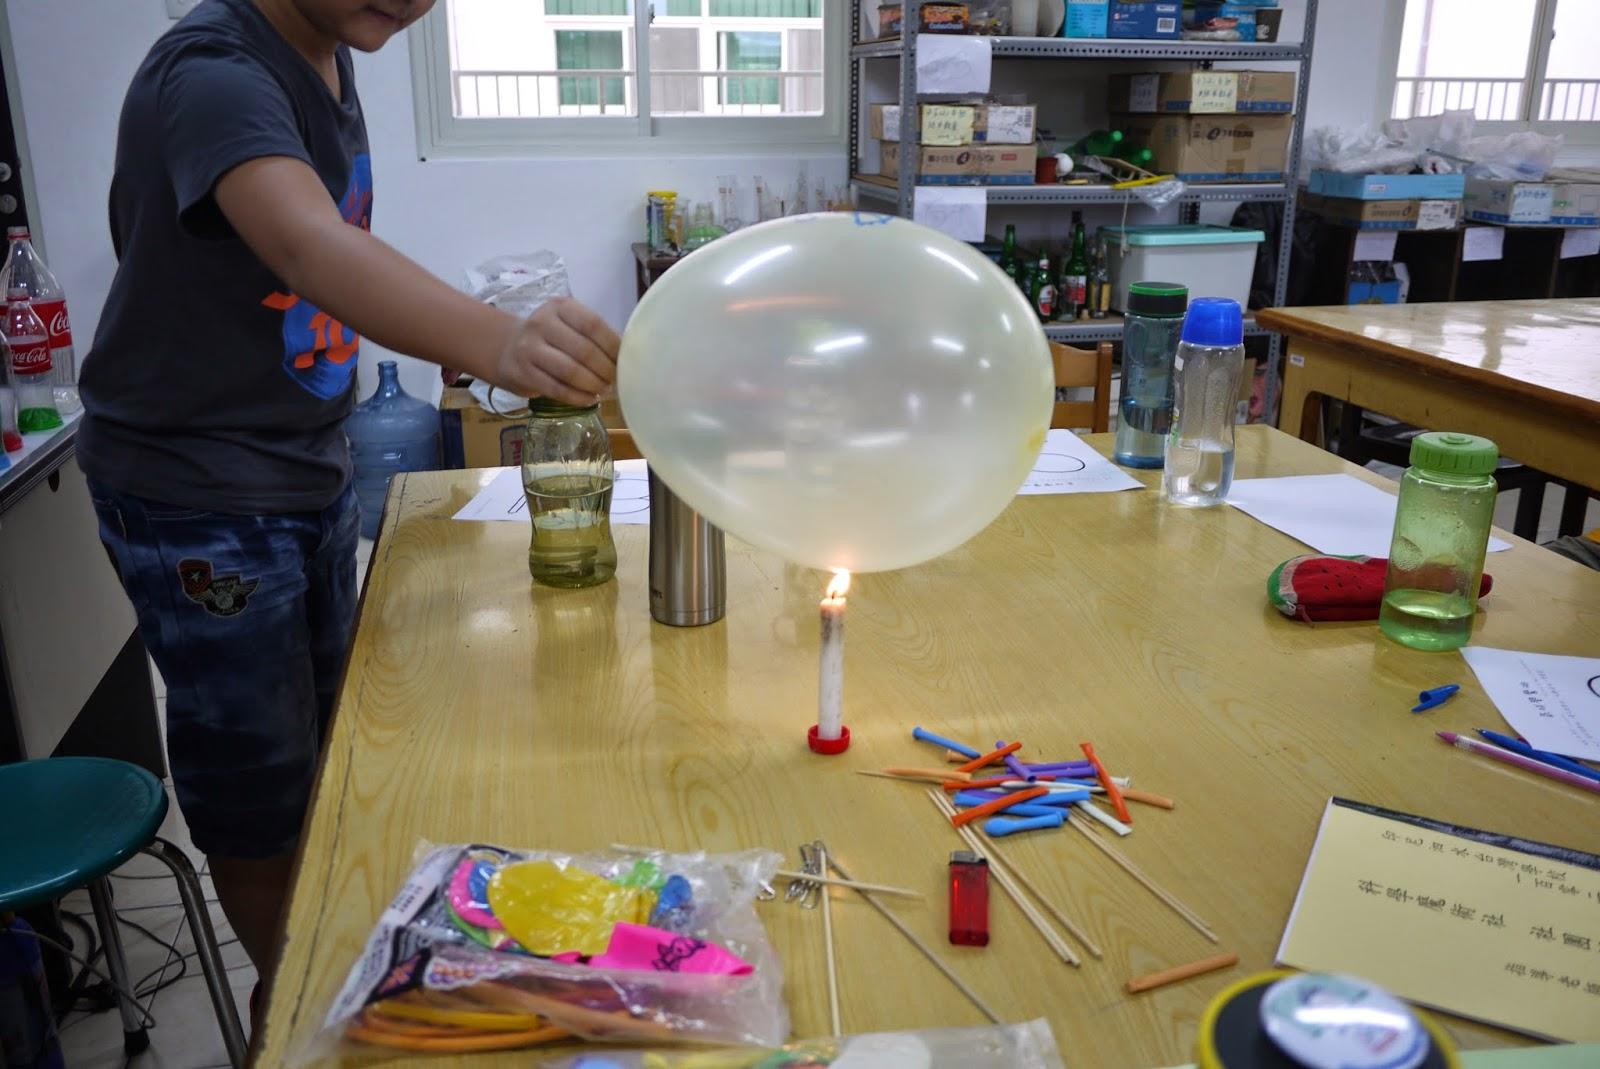 氣球 | [組圖+影片] 的最新詳盡資料** (必看!!) - www.go2tutor.com